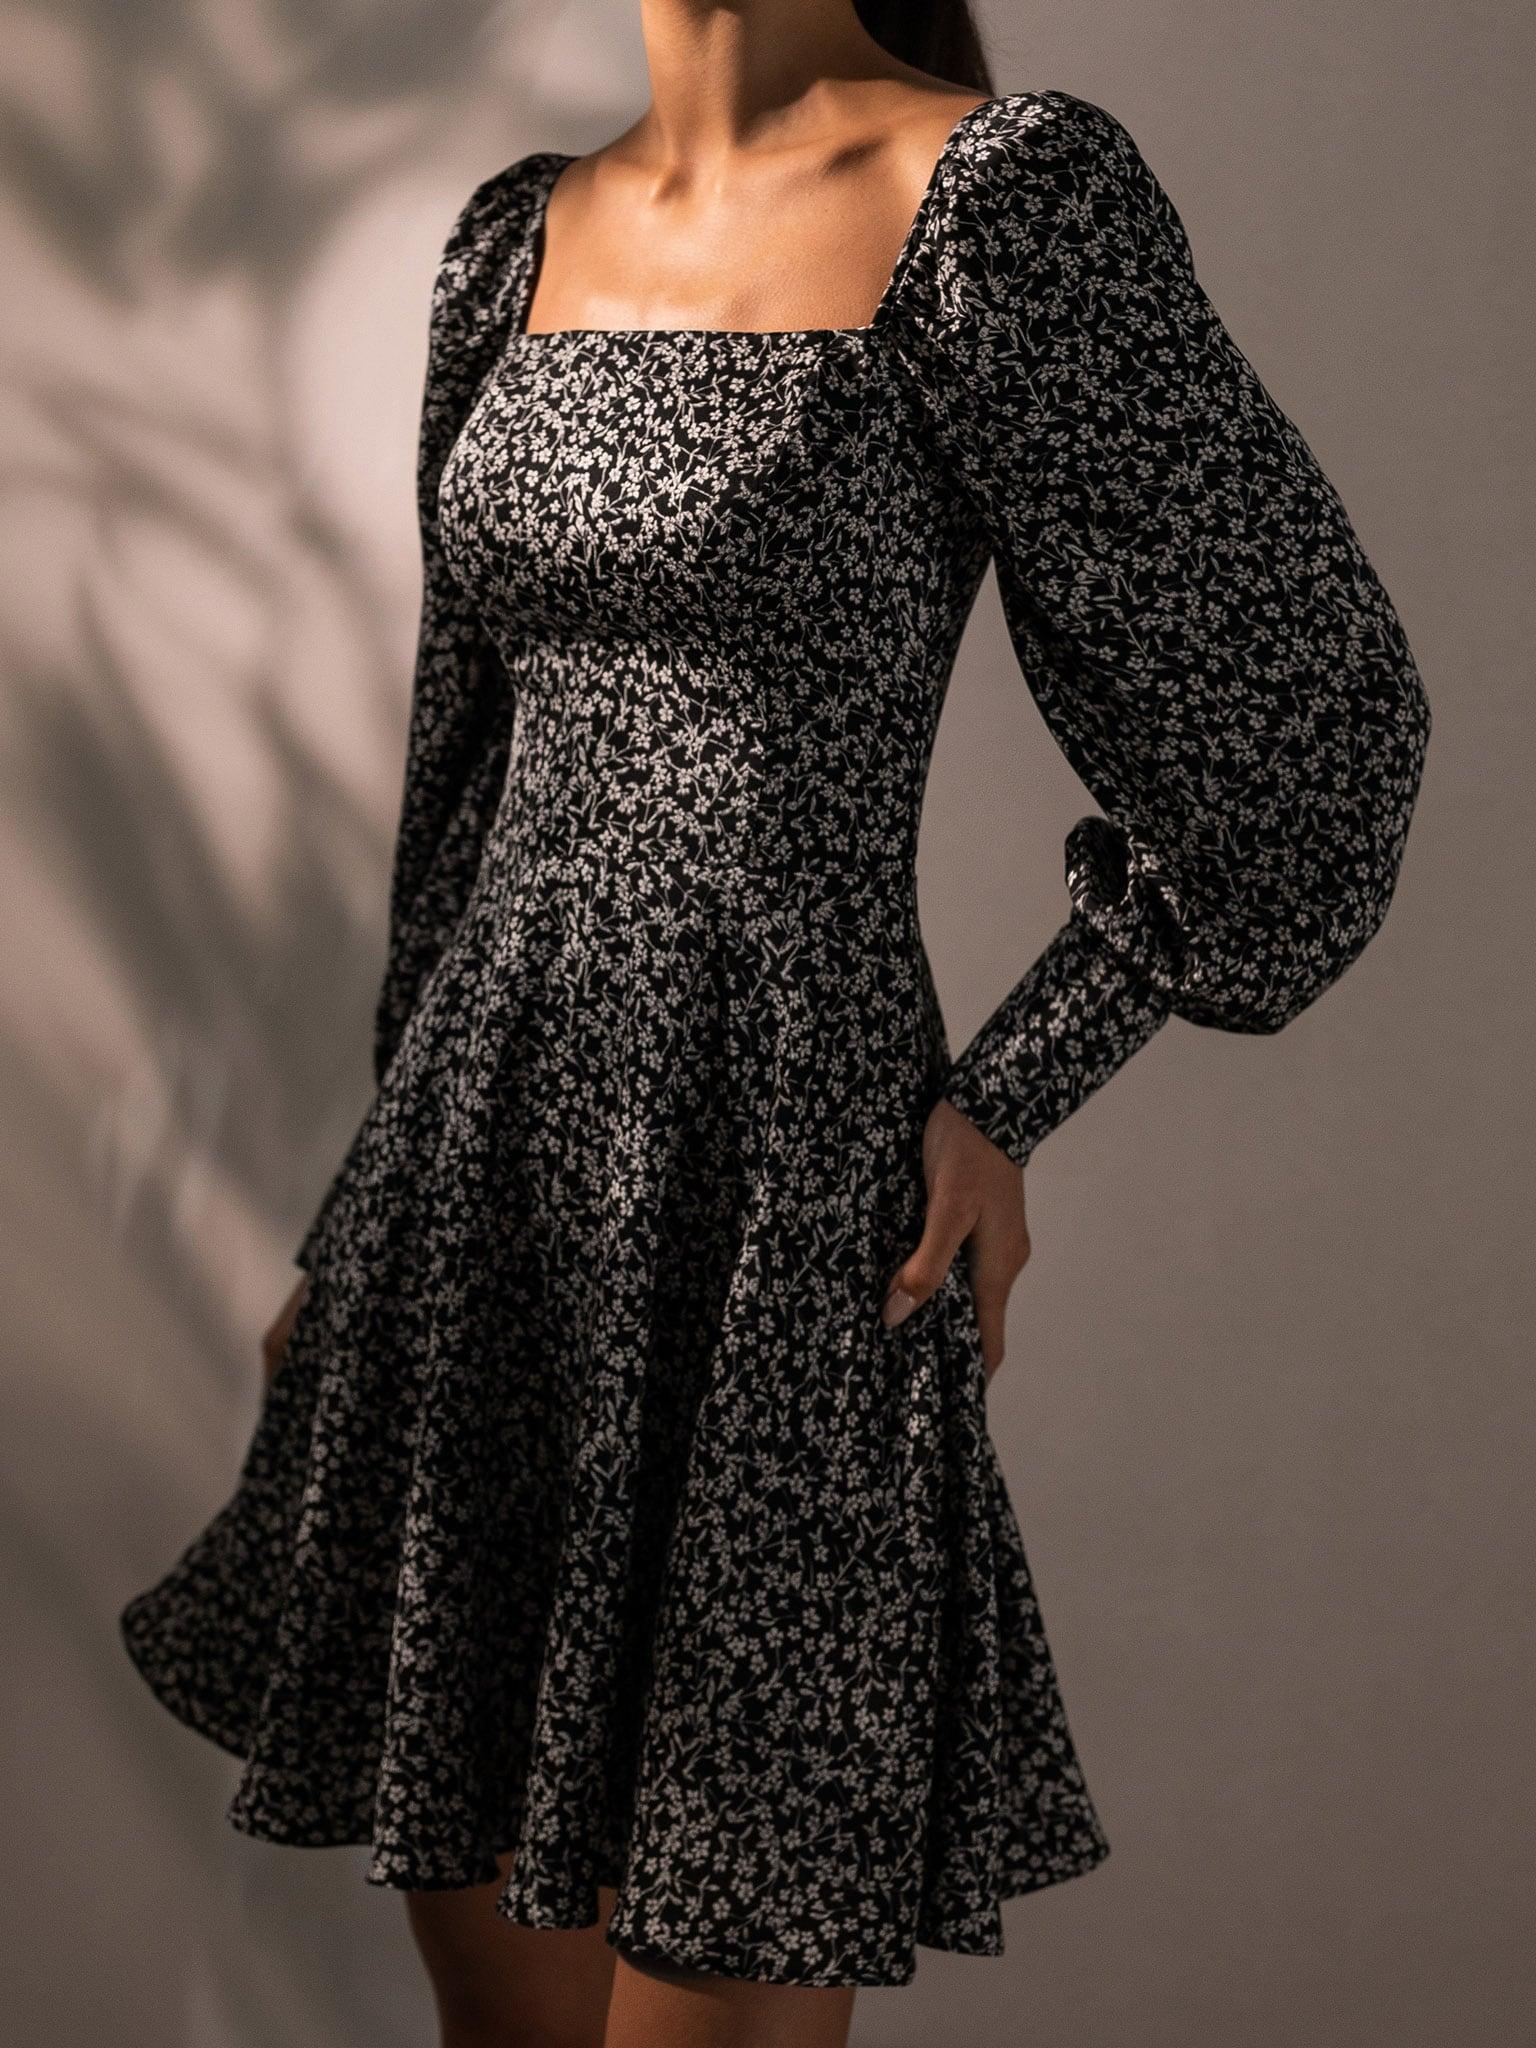 Платье С Талией Под Лифом Как Называется